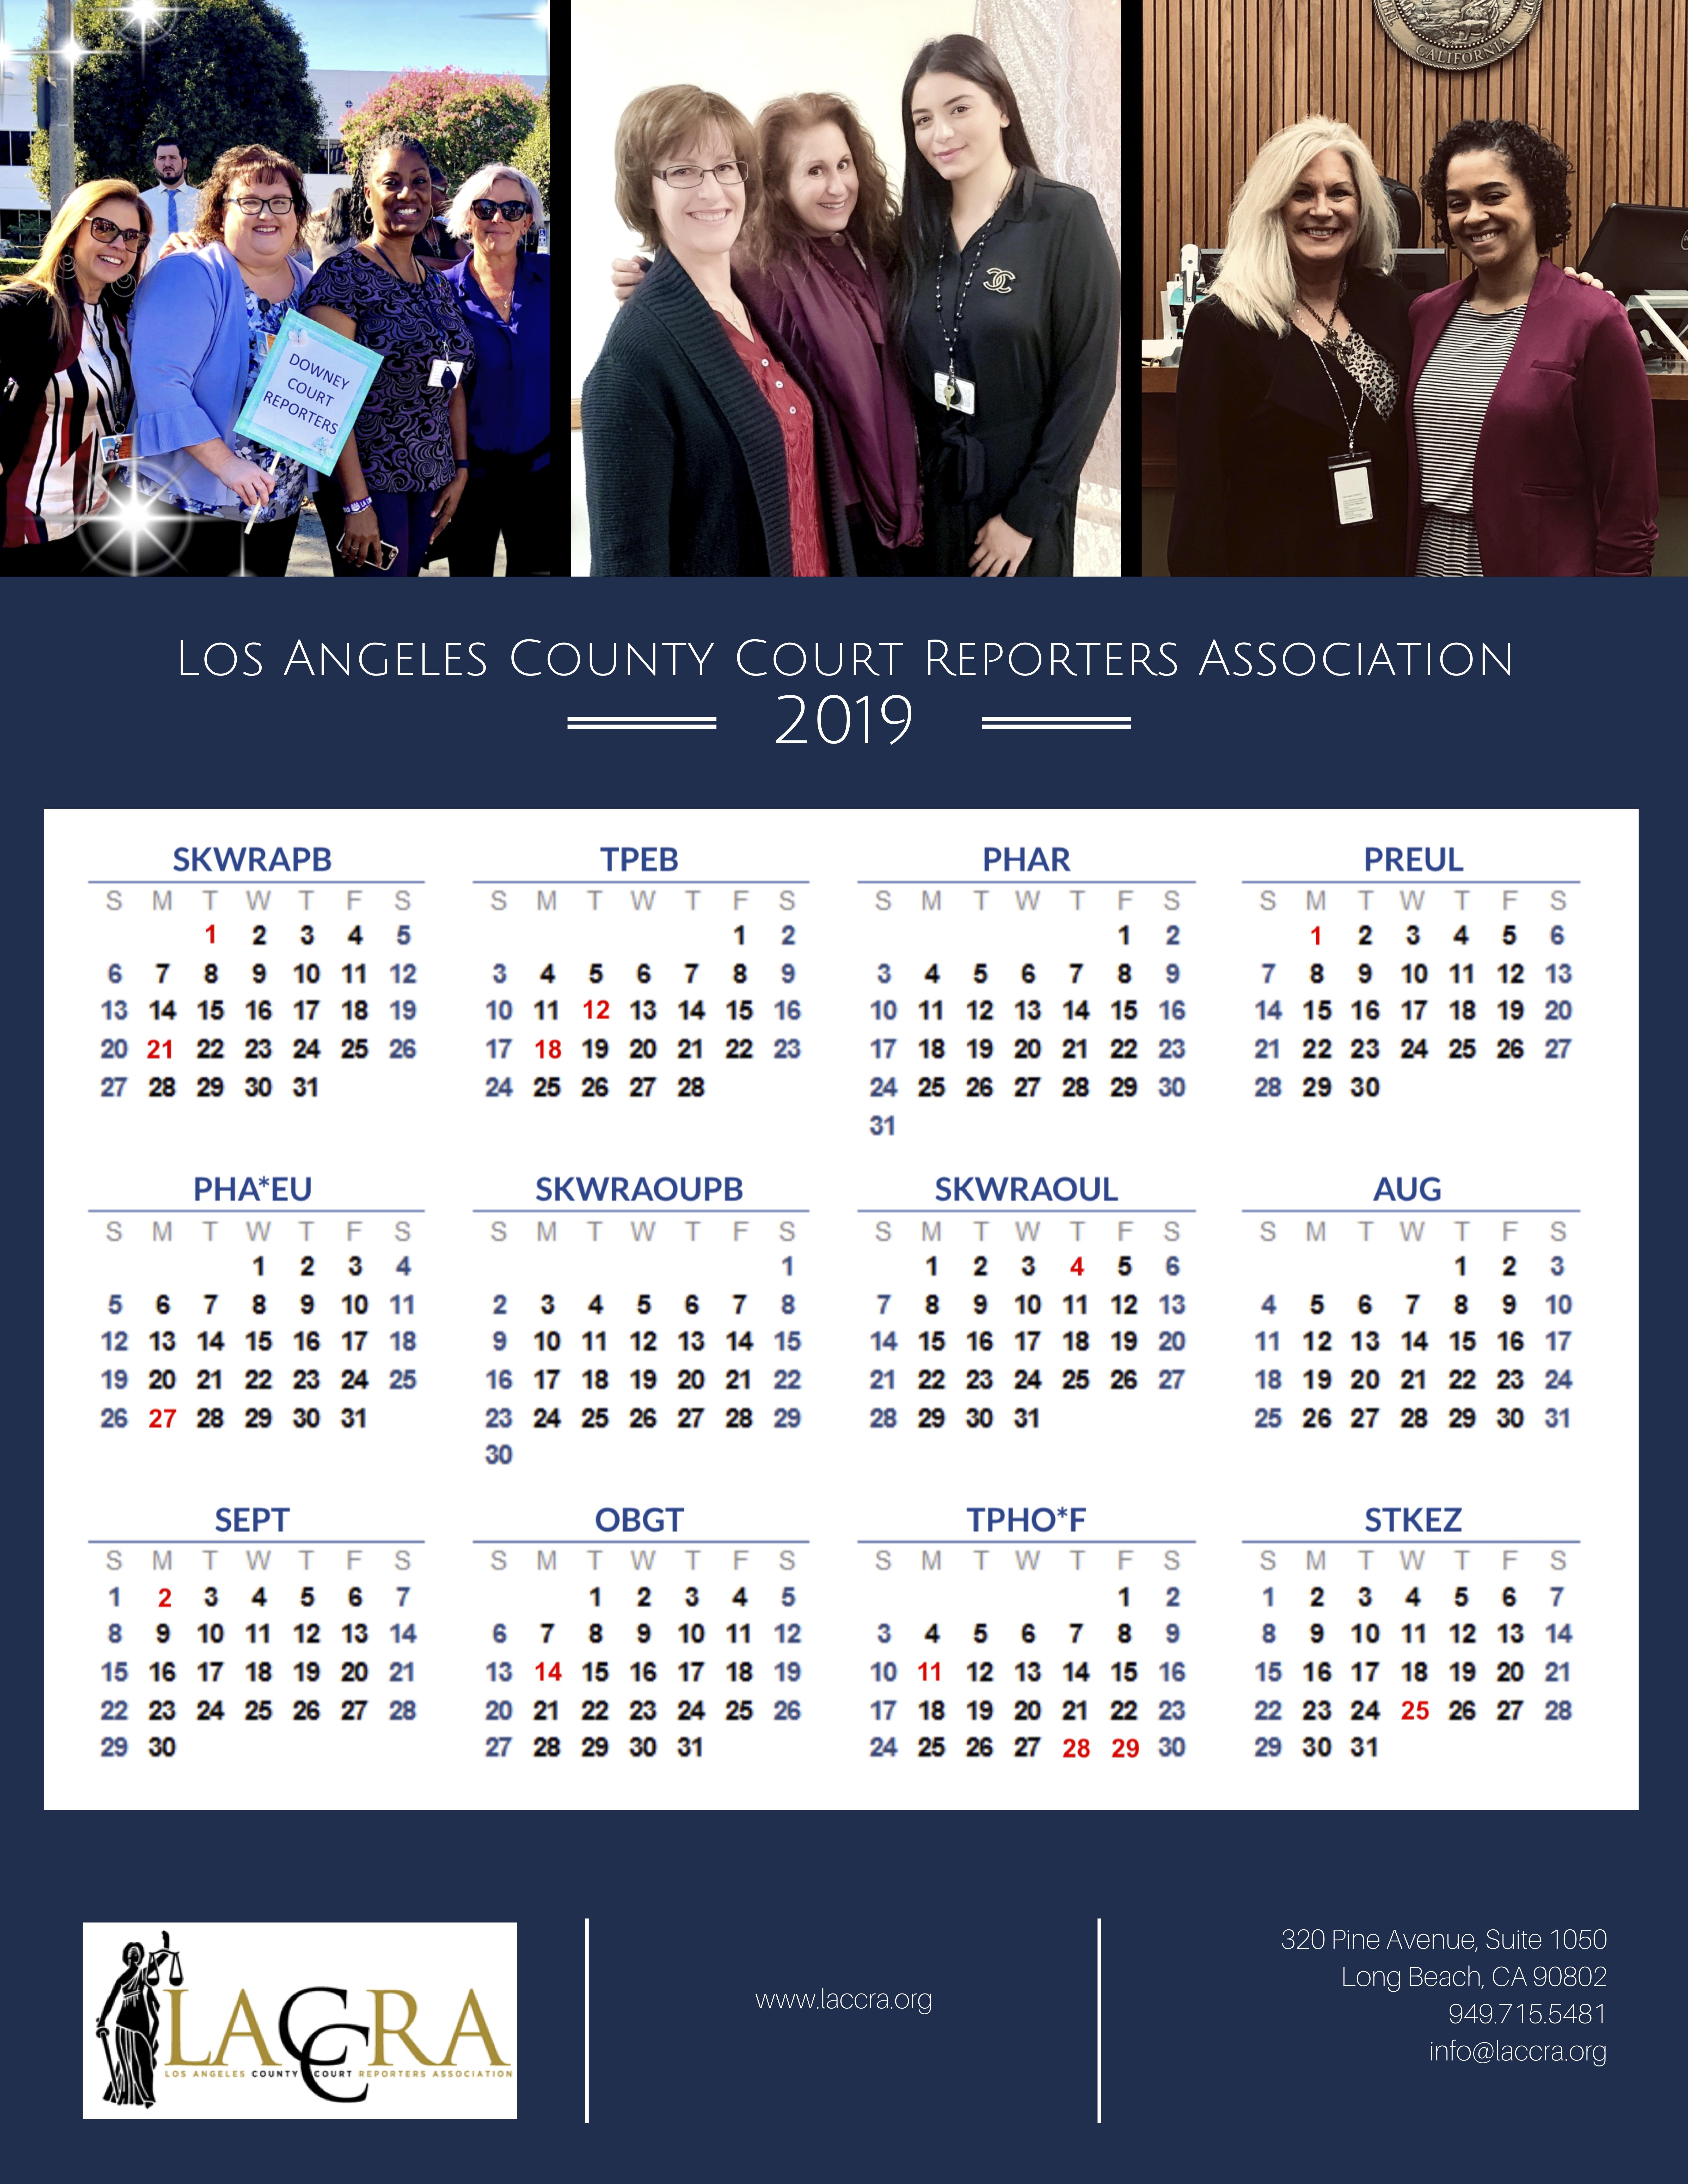 2019 Calendar Throughout Los Angeles Suprior Court Calendar